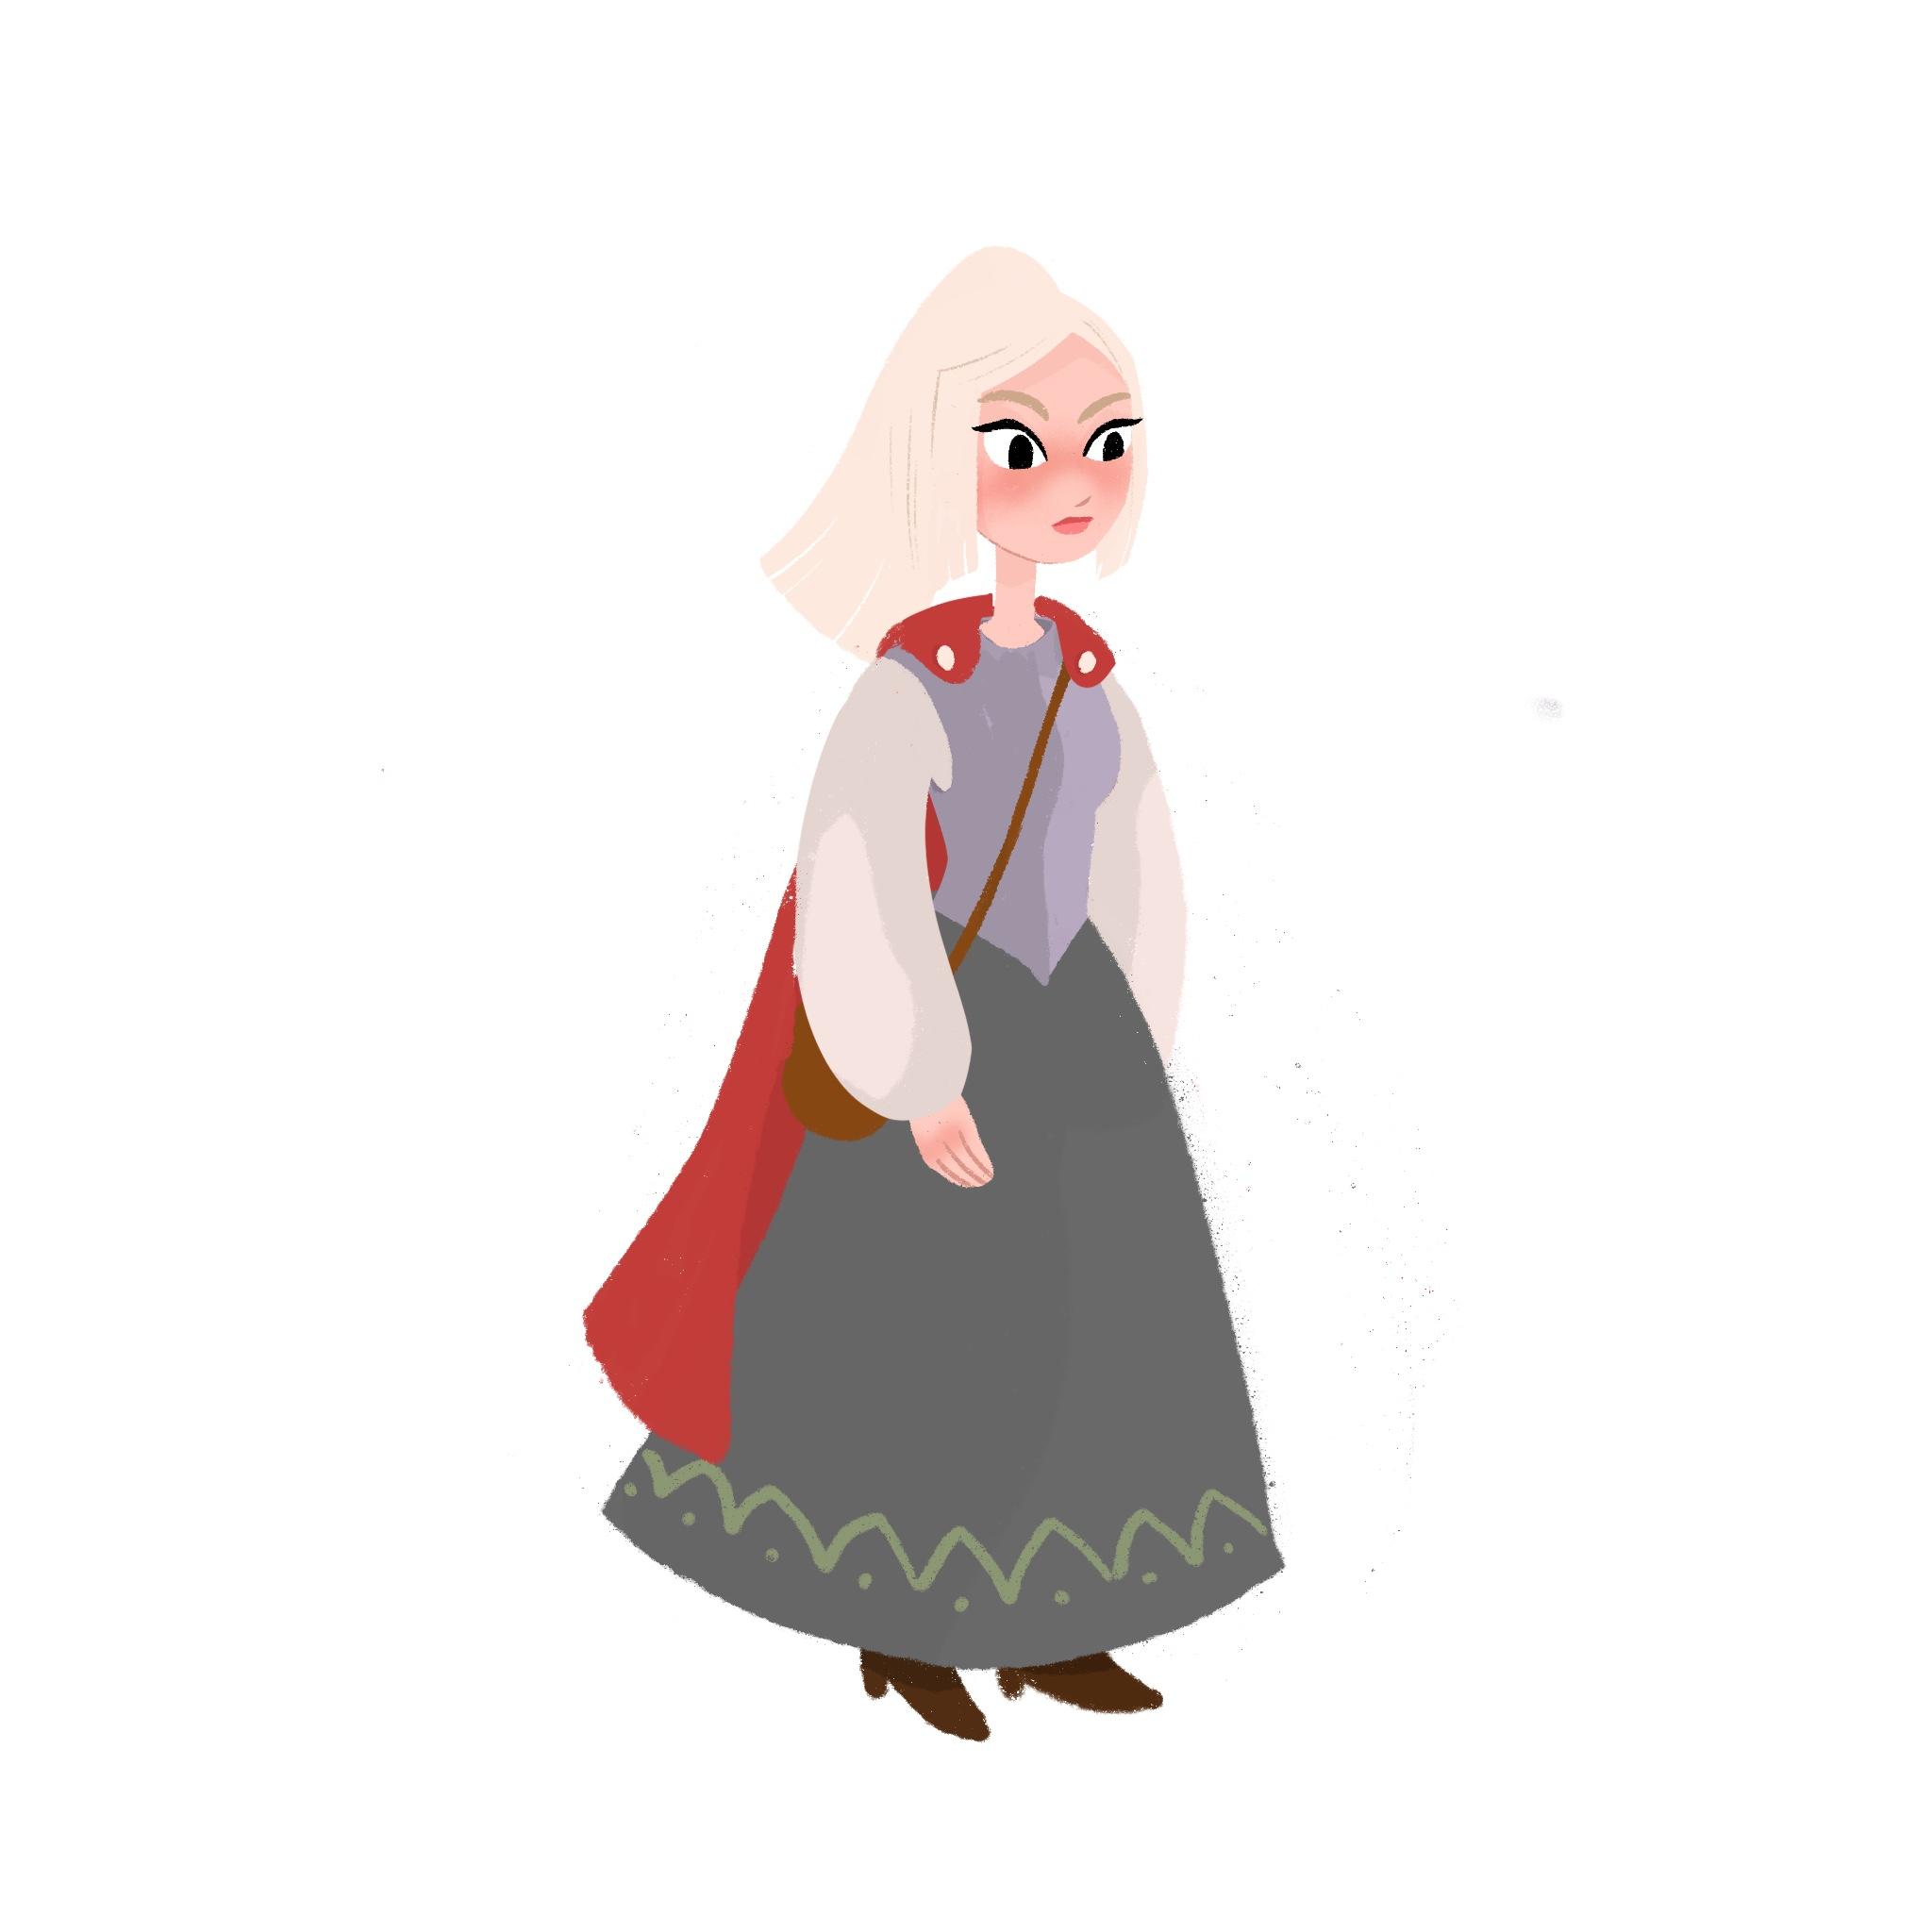 Концепт создания персонажа и начало кампании по сбору средств🔥 . - Изображение 5